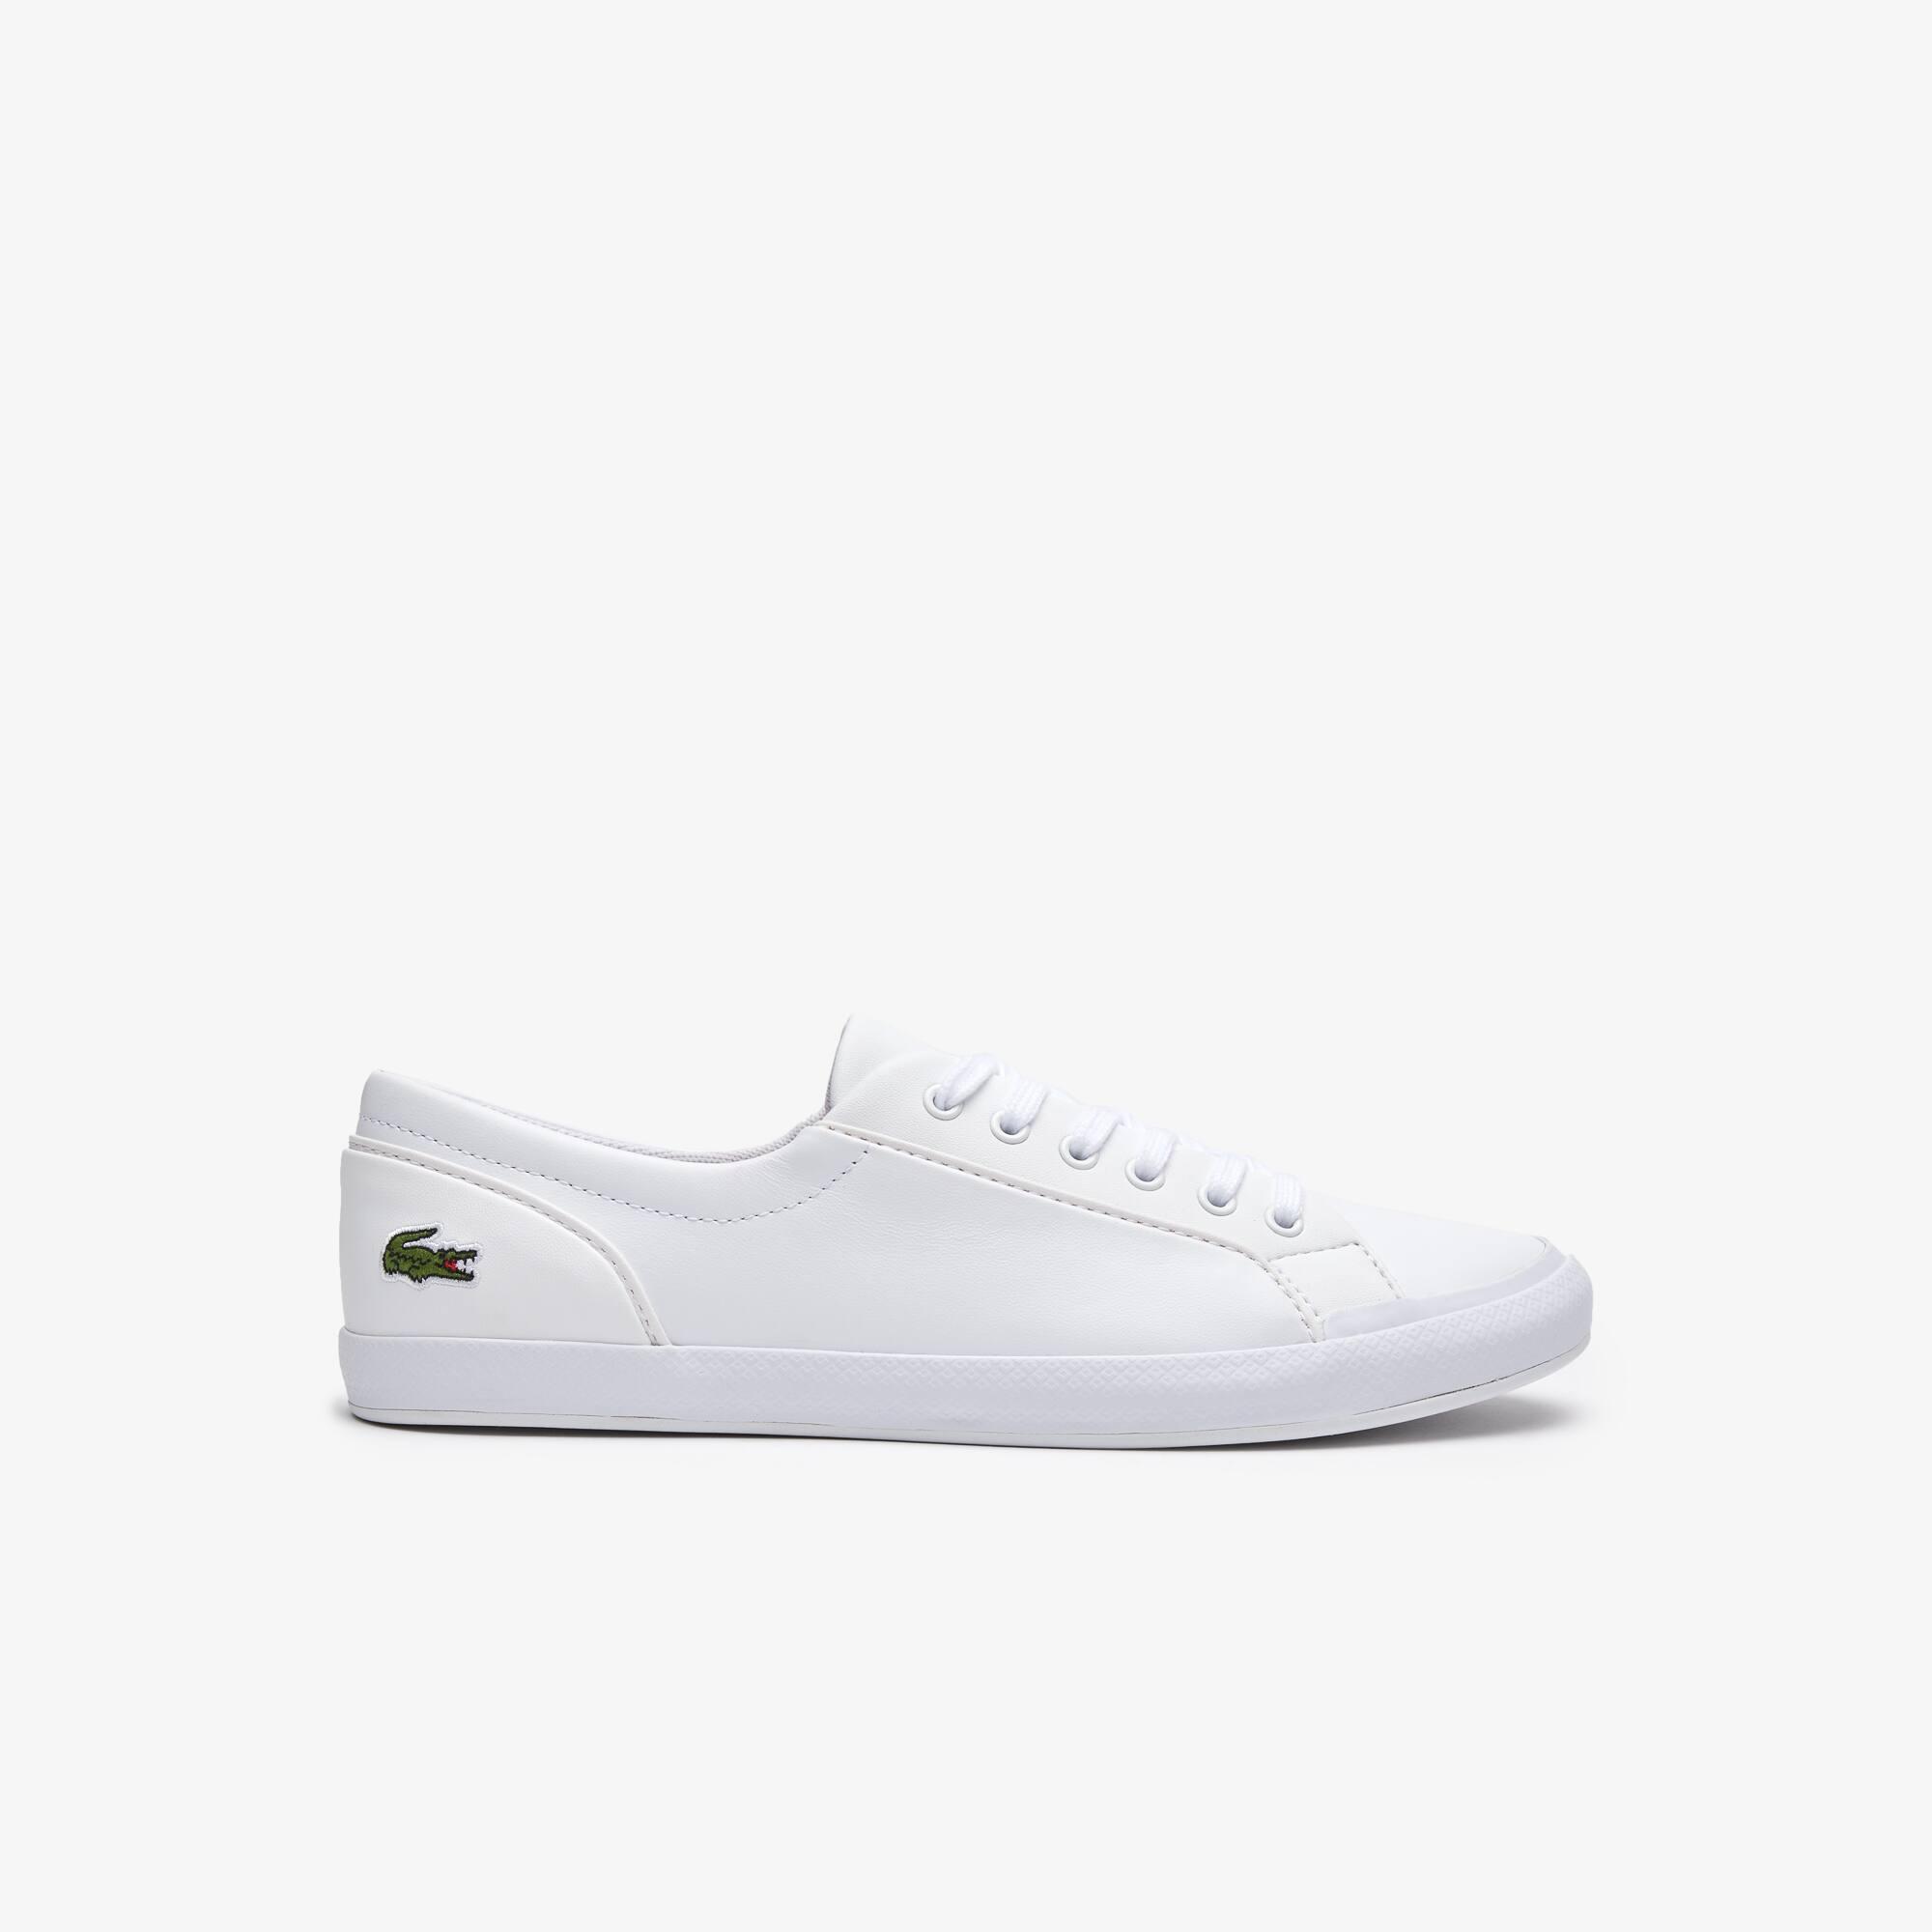 Damen-Sneakers LANCELLE BL aus Leder